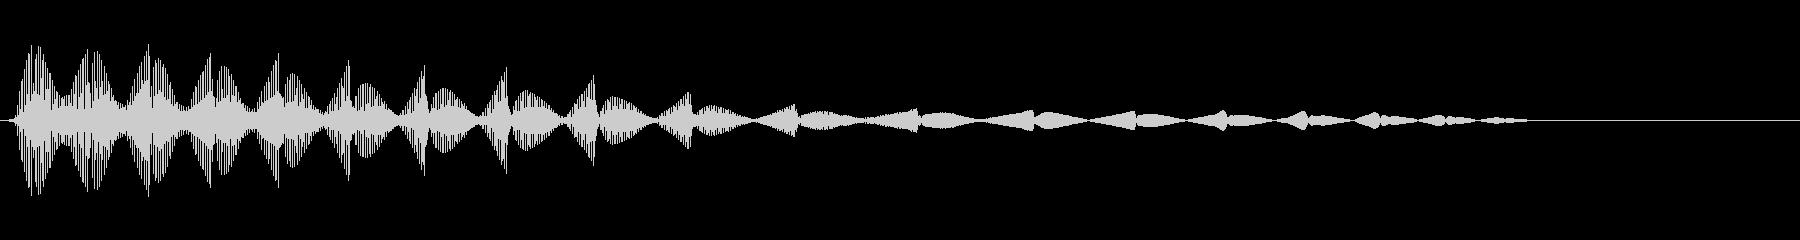 さまざまなインターフェイス画面のス...の未再生の波形